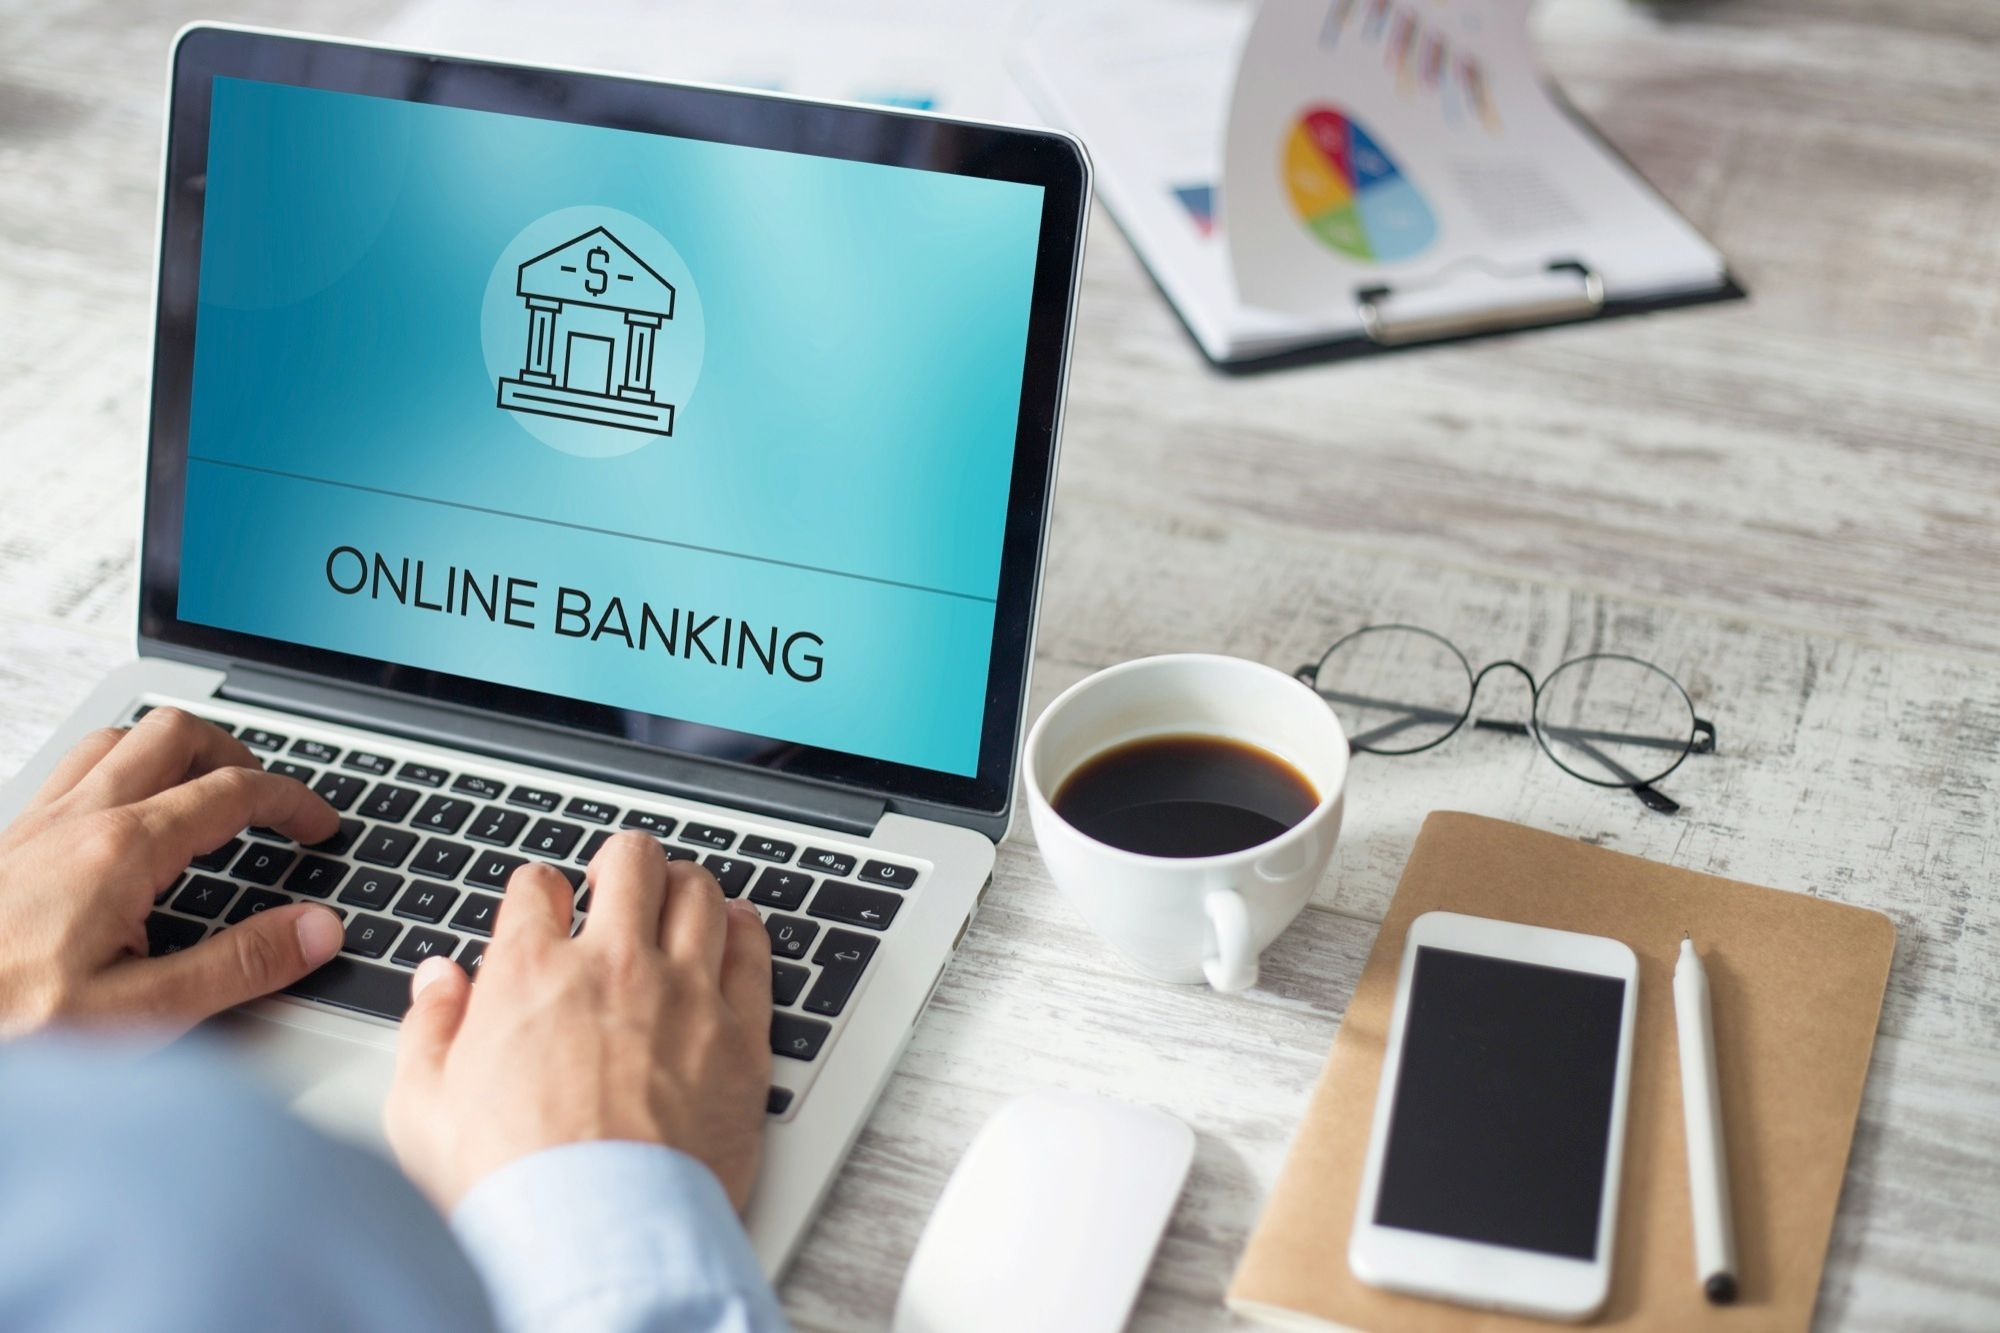 Banque en ligne - image